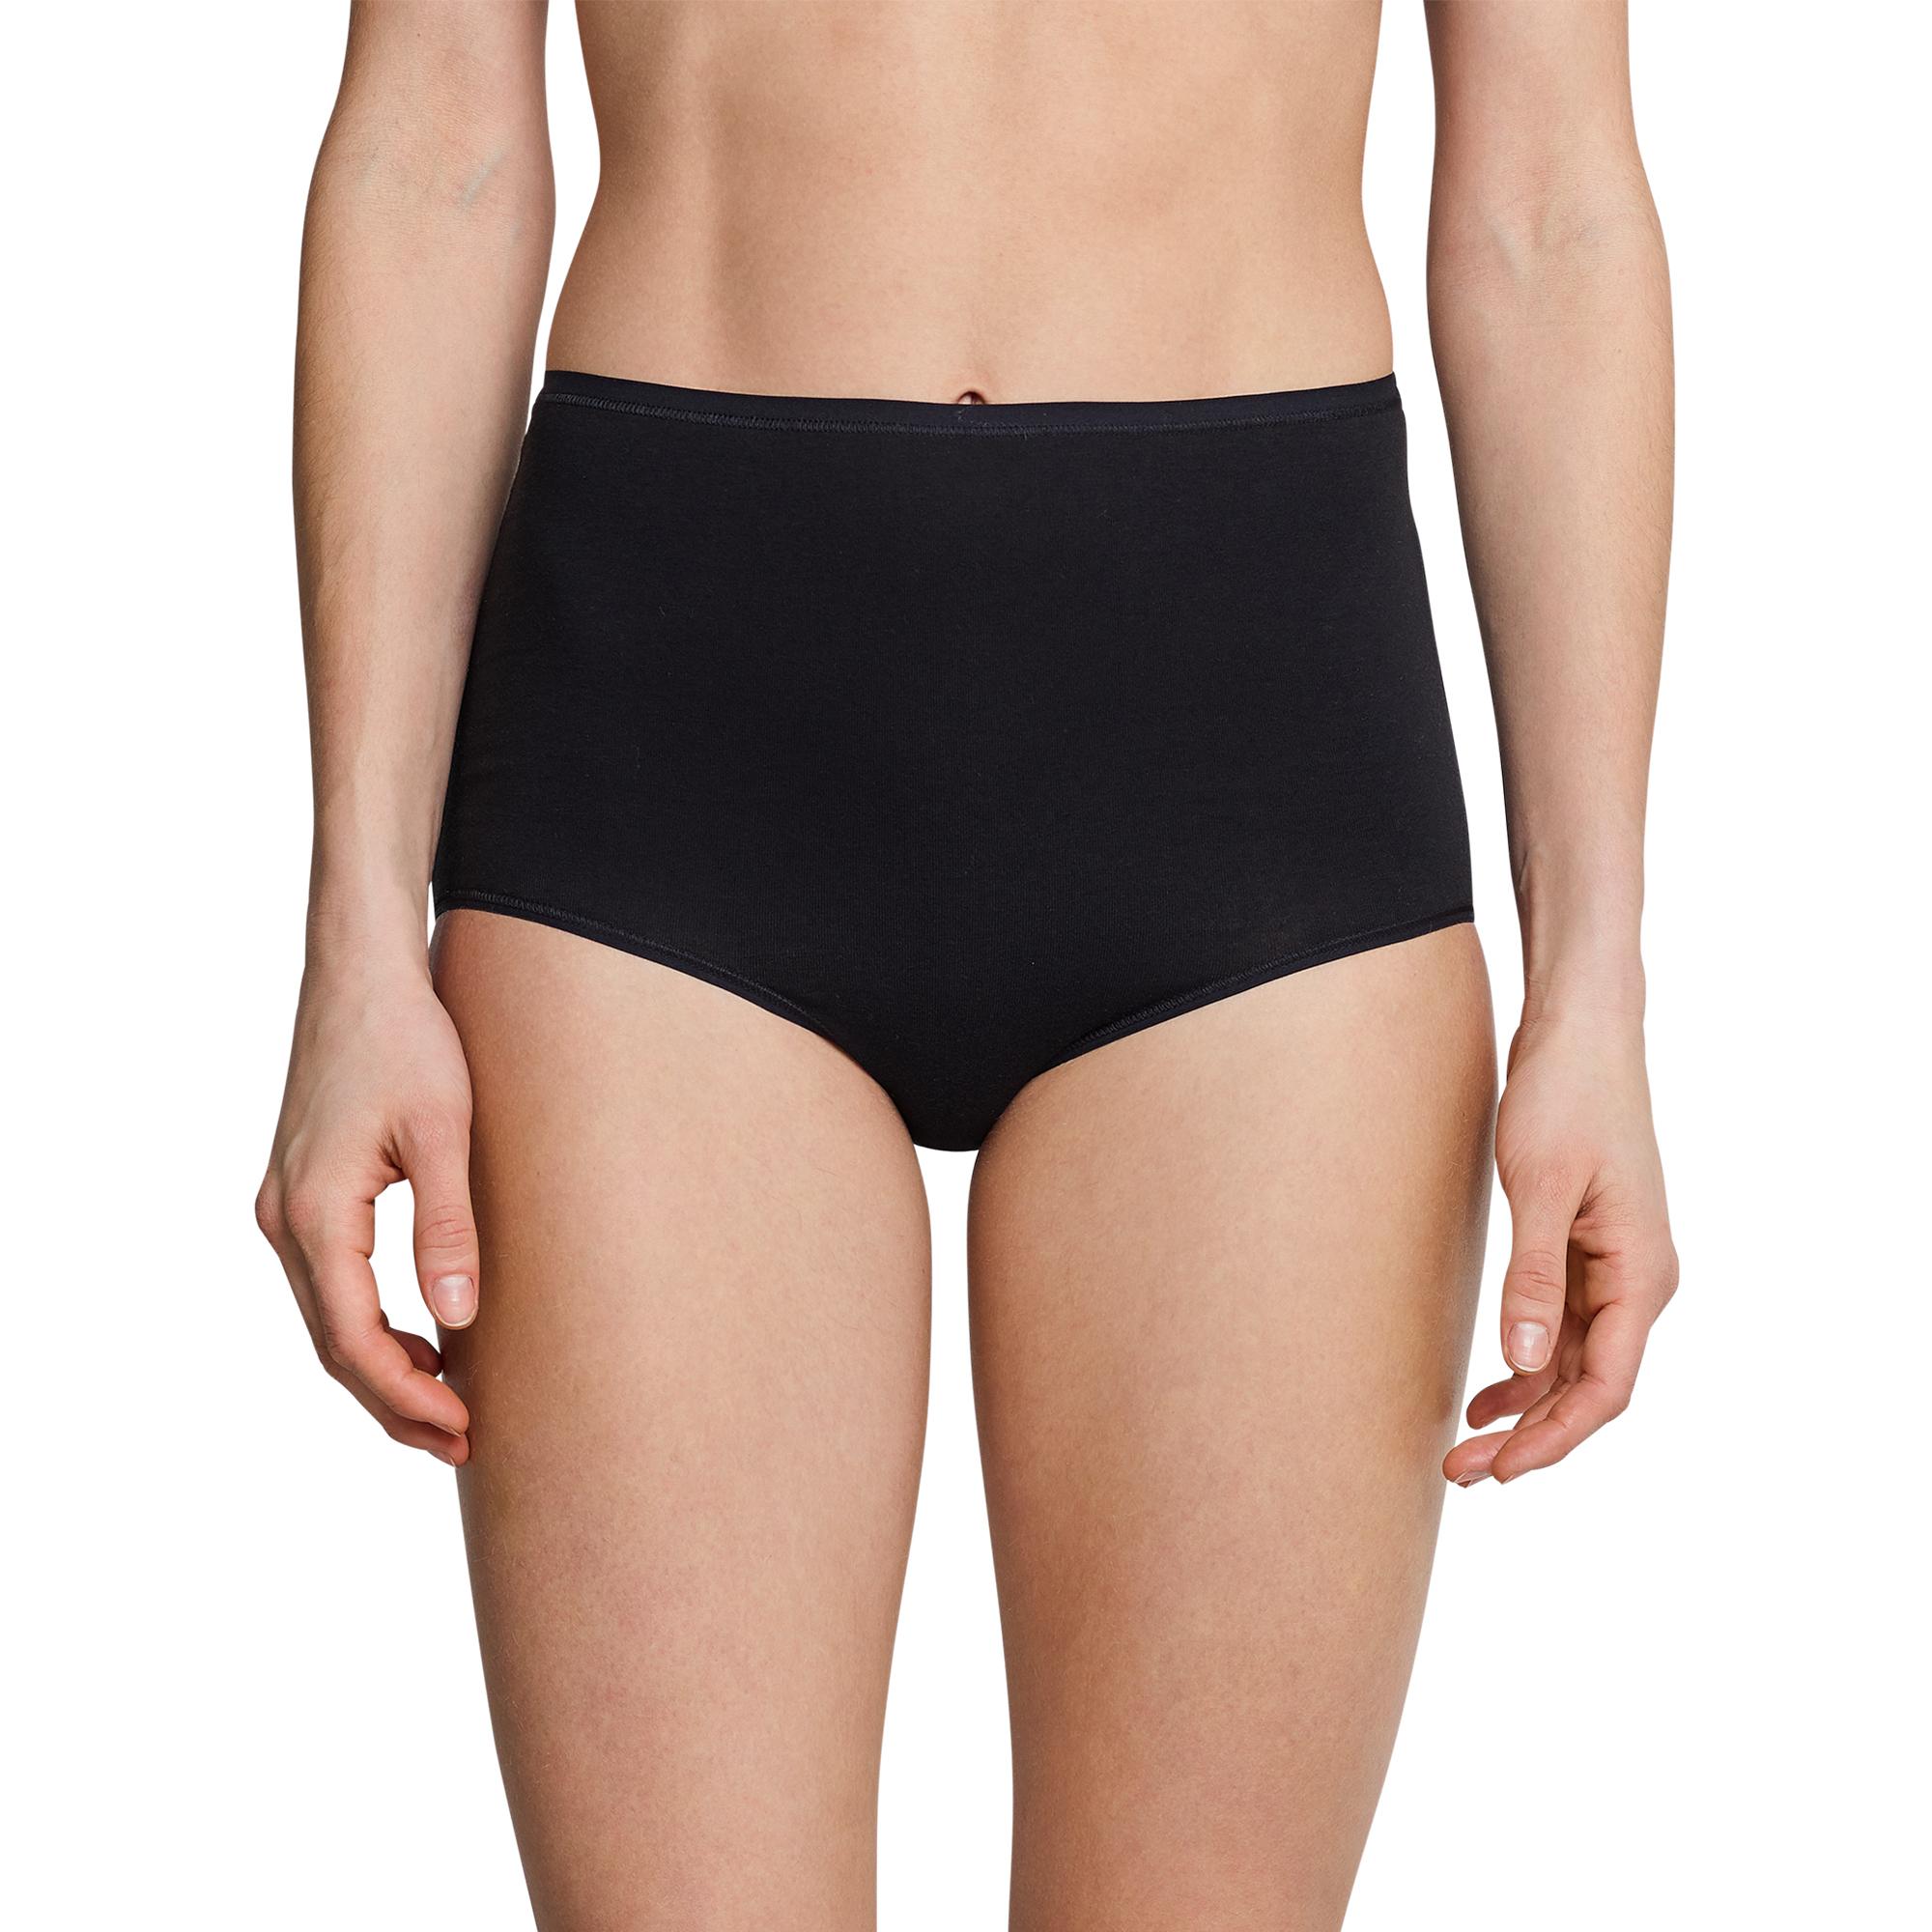 4er Pack Schiesser Damen Slips, Maxi - Slips, Unterhosen, Unterwäsche, Schlüpfer – Bild 3